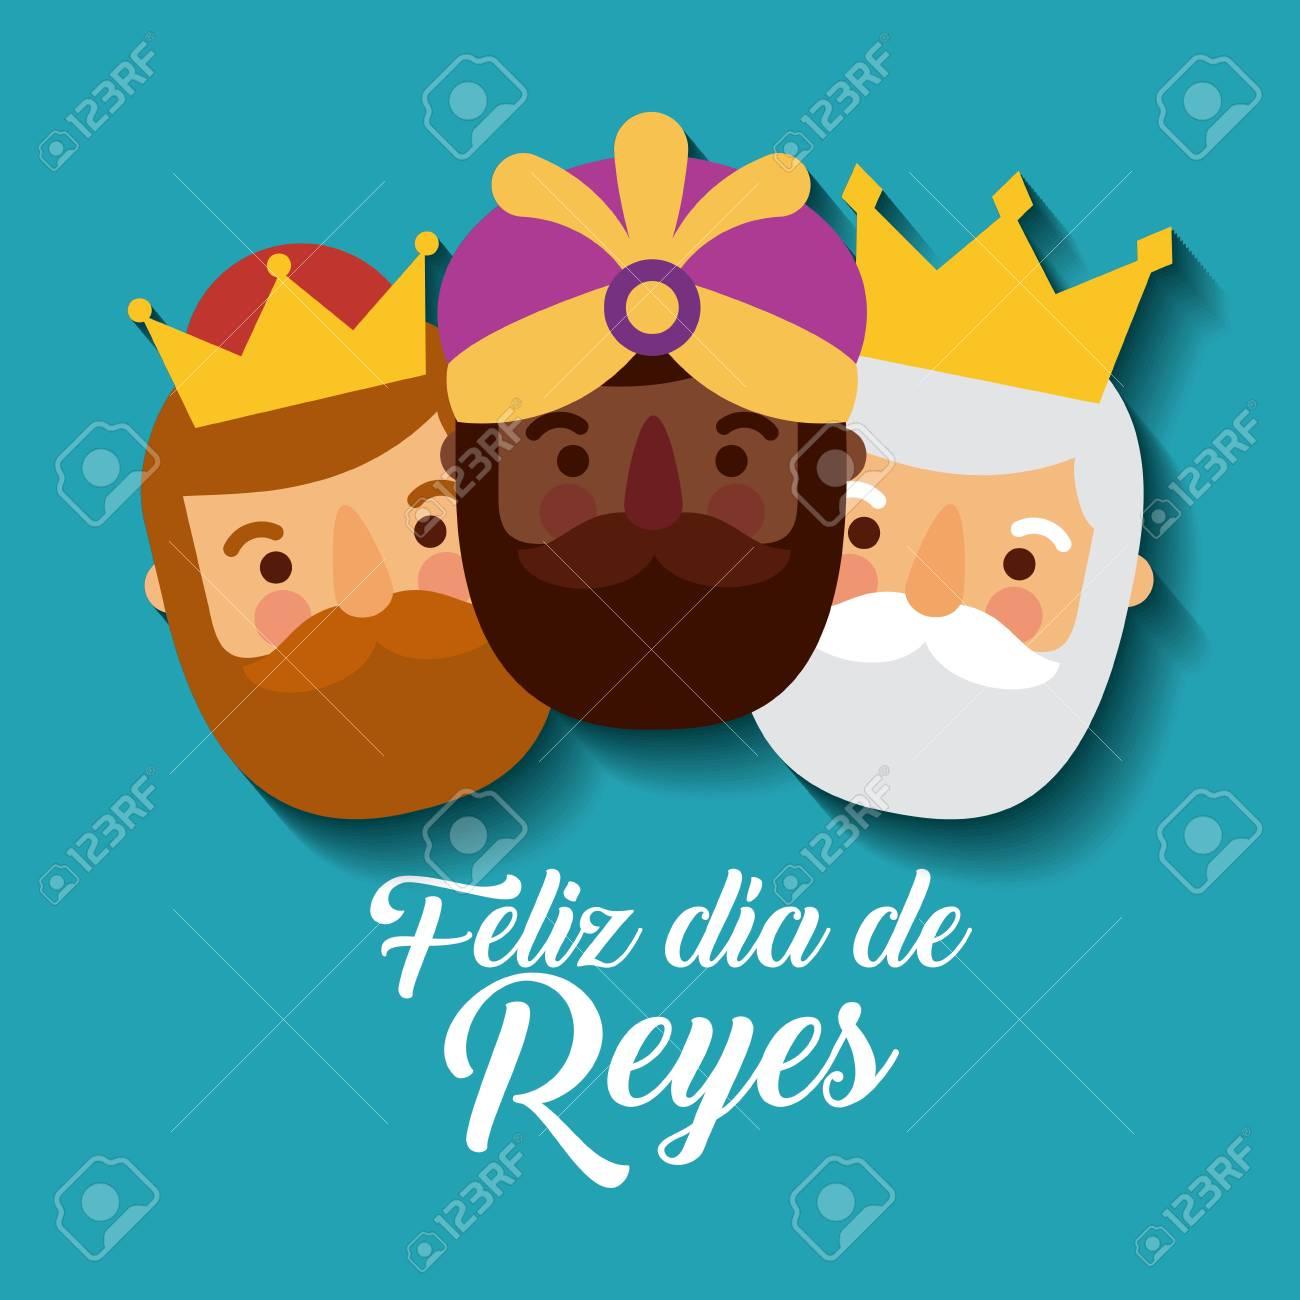 feliz dia de los reyes three magic kings bring presents to jesus vector illustration - 90060208